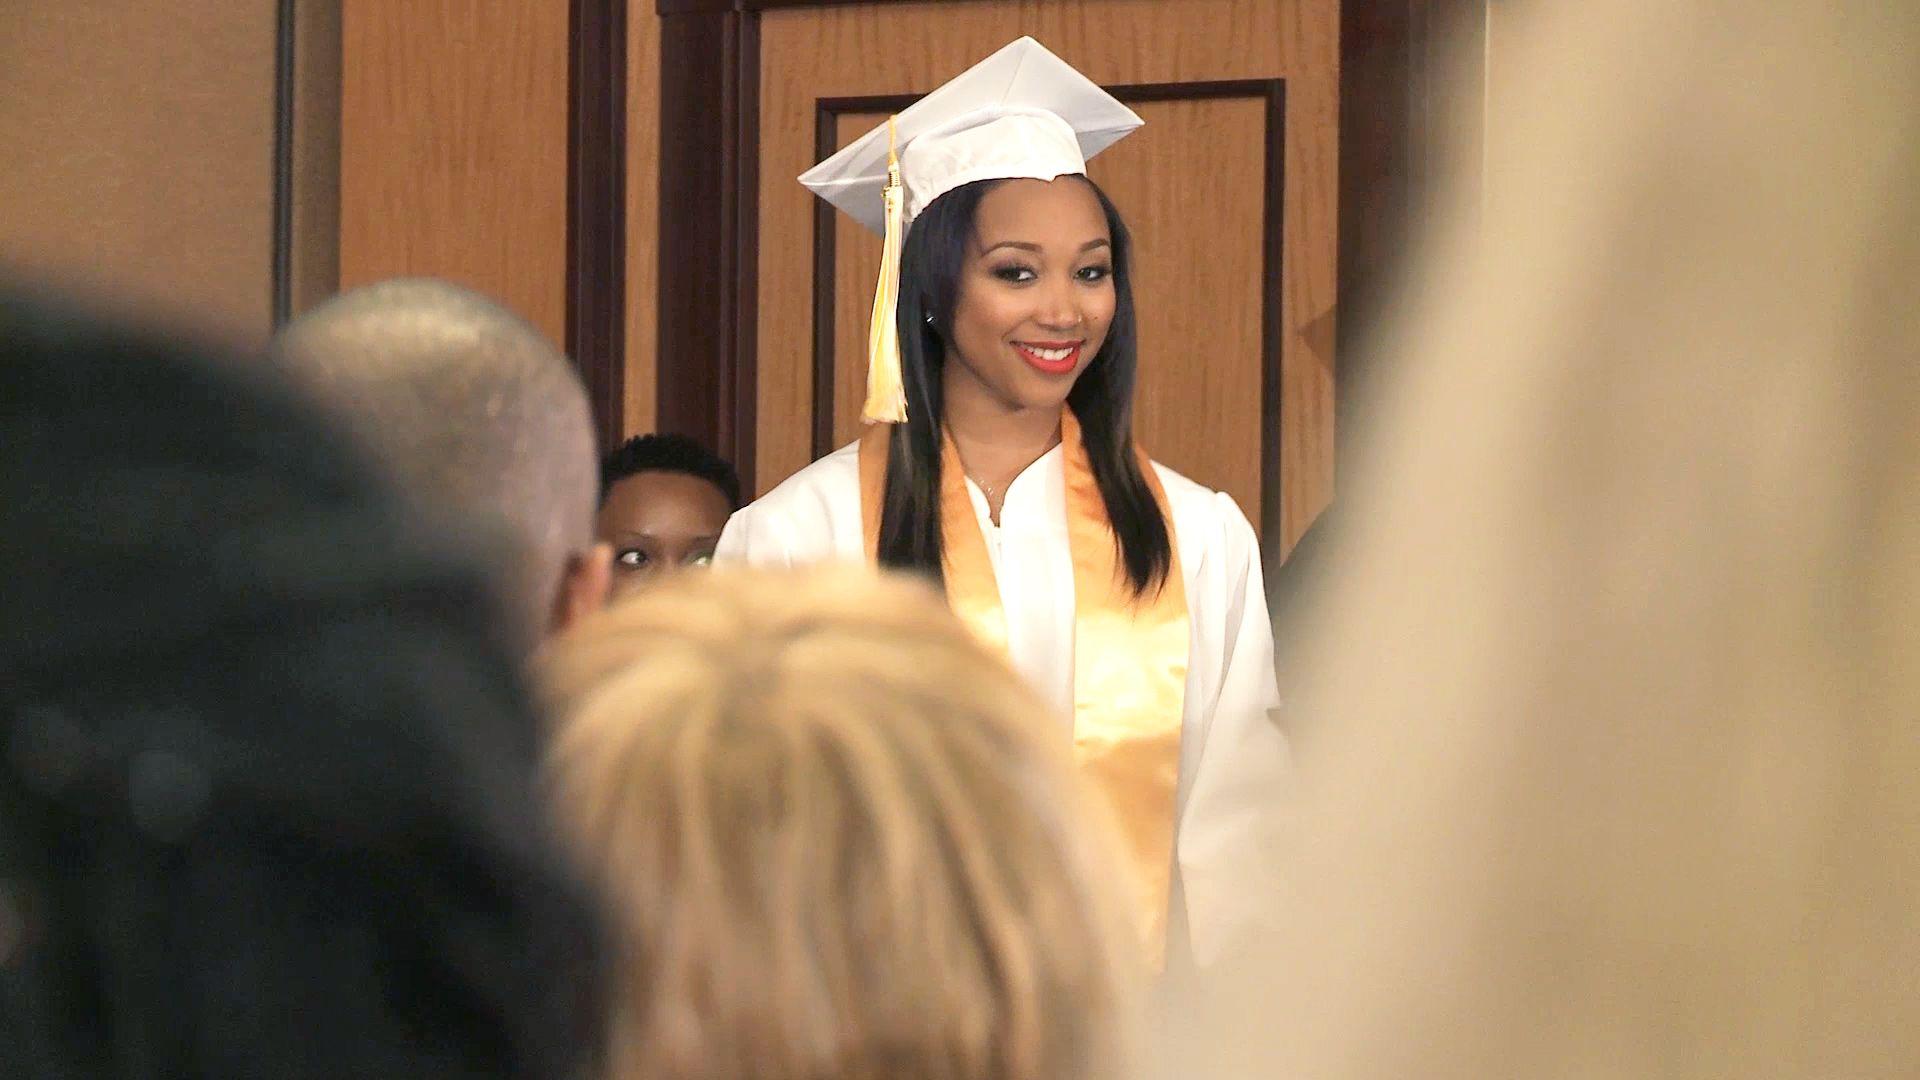 zonnique graduation speech